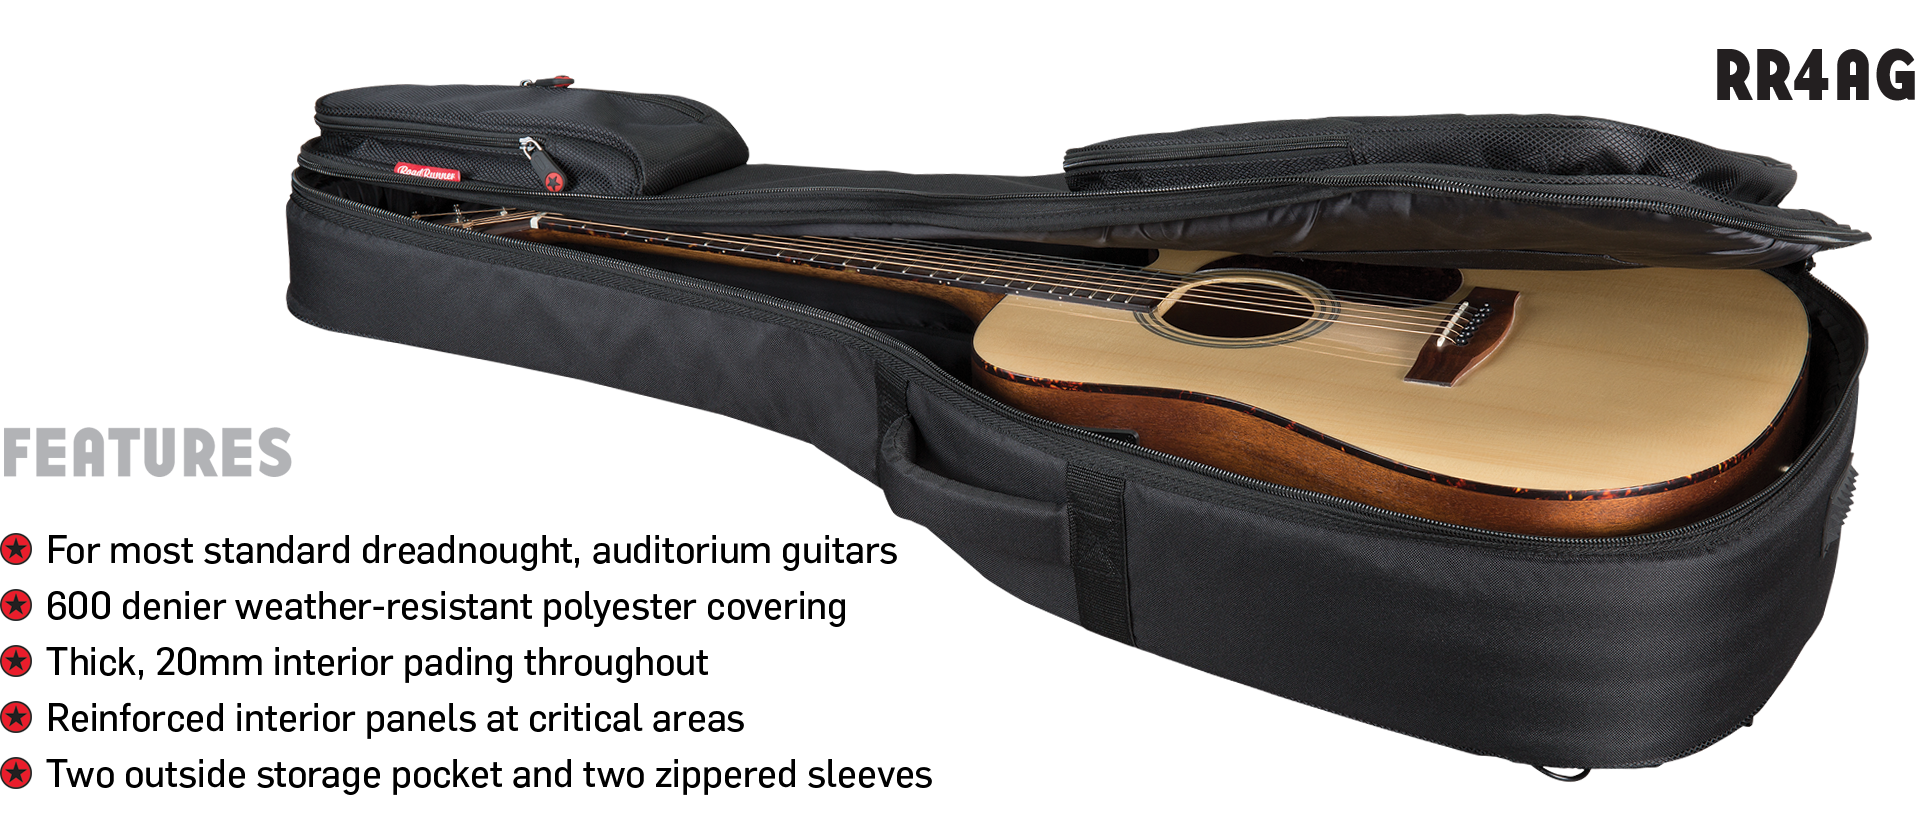 Acoustic Guitar Padded Gig Bag Road Runner Boulevard RR4AG